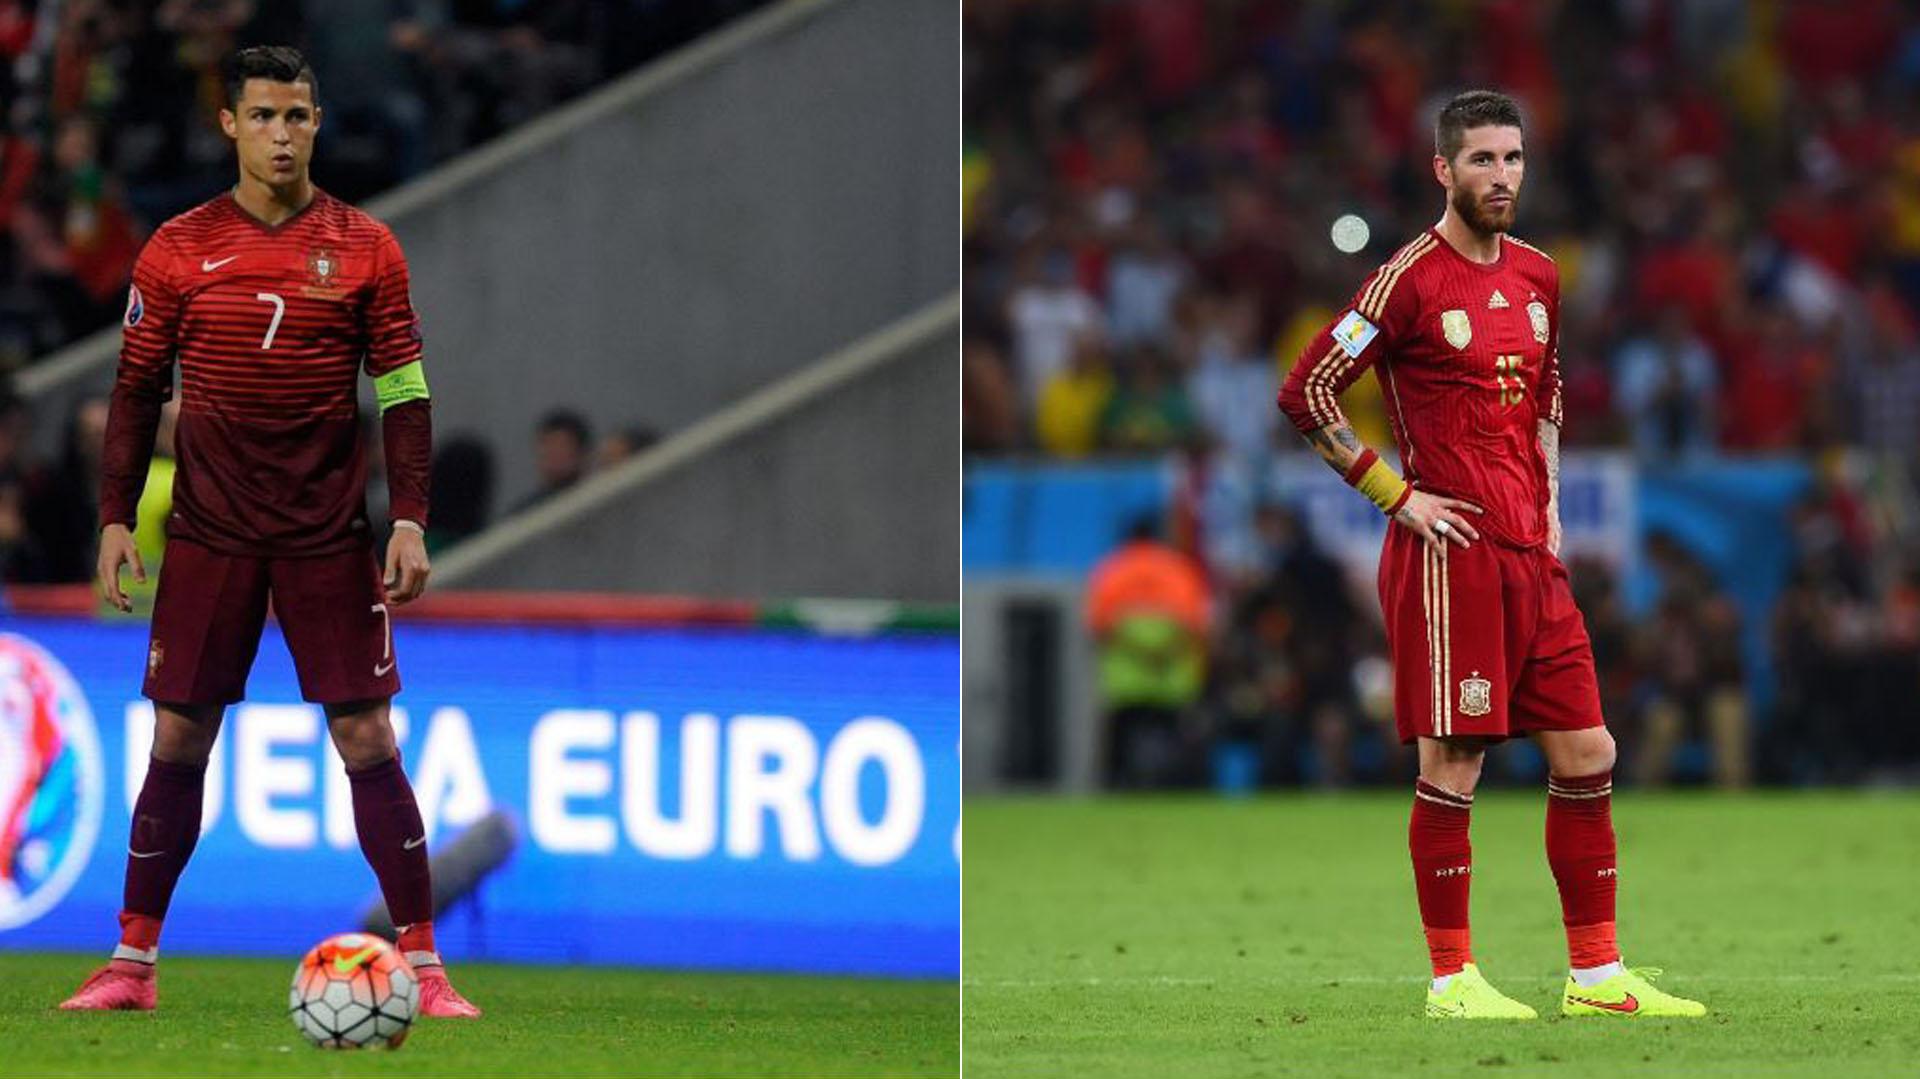 Cristiano Ronaldo (i) y Sergio Ramos (d), compañeros en el Real Madrid, rivales en el debut en el Mundial Rusia 2018 entre Portugal y España